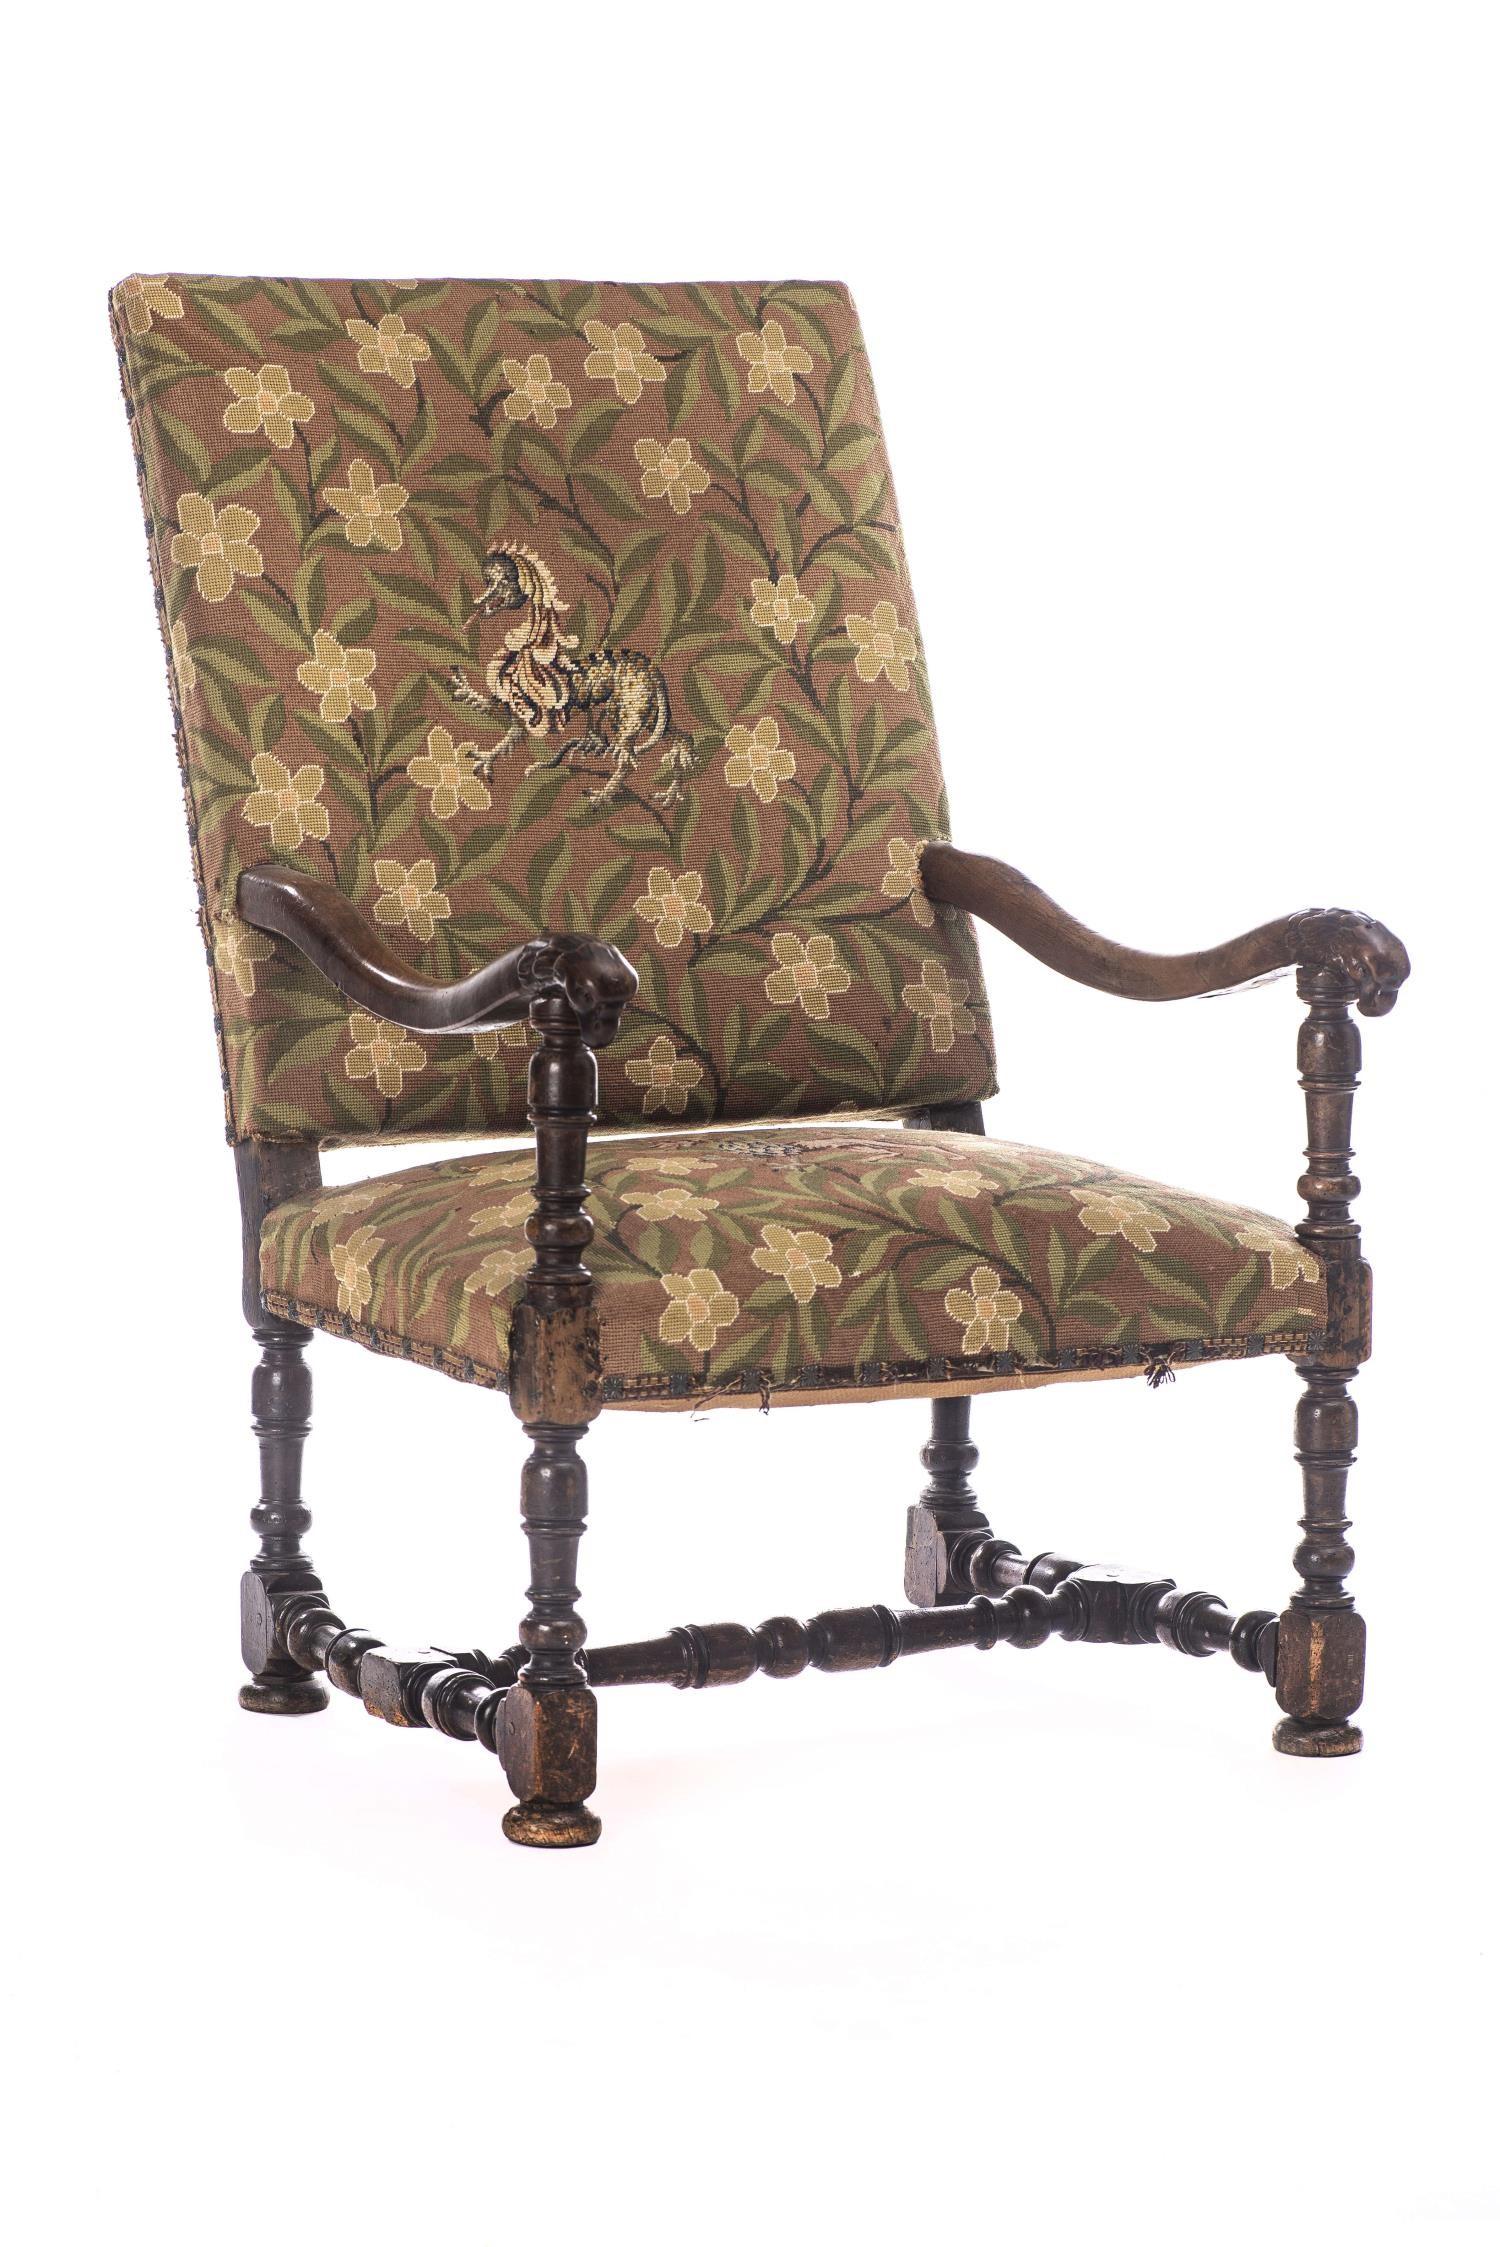 Lot 26 - Fauteuil Louis XIII en bois sculpté à accoudoirs têtes d'aigle, assise et dos [...]